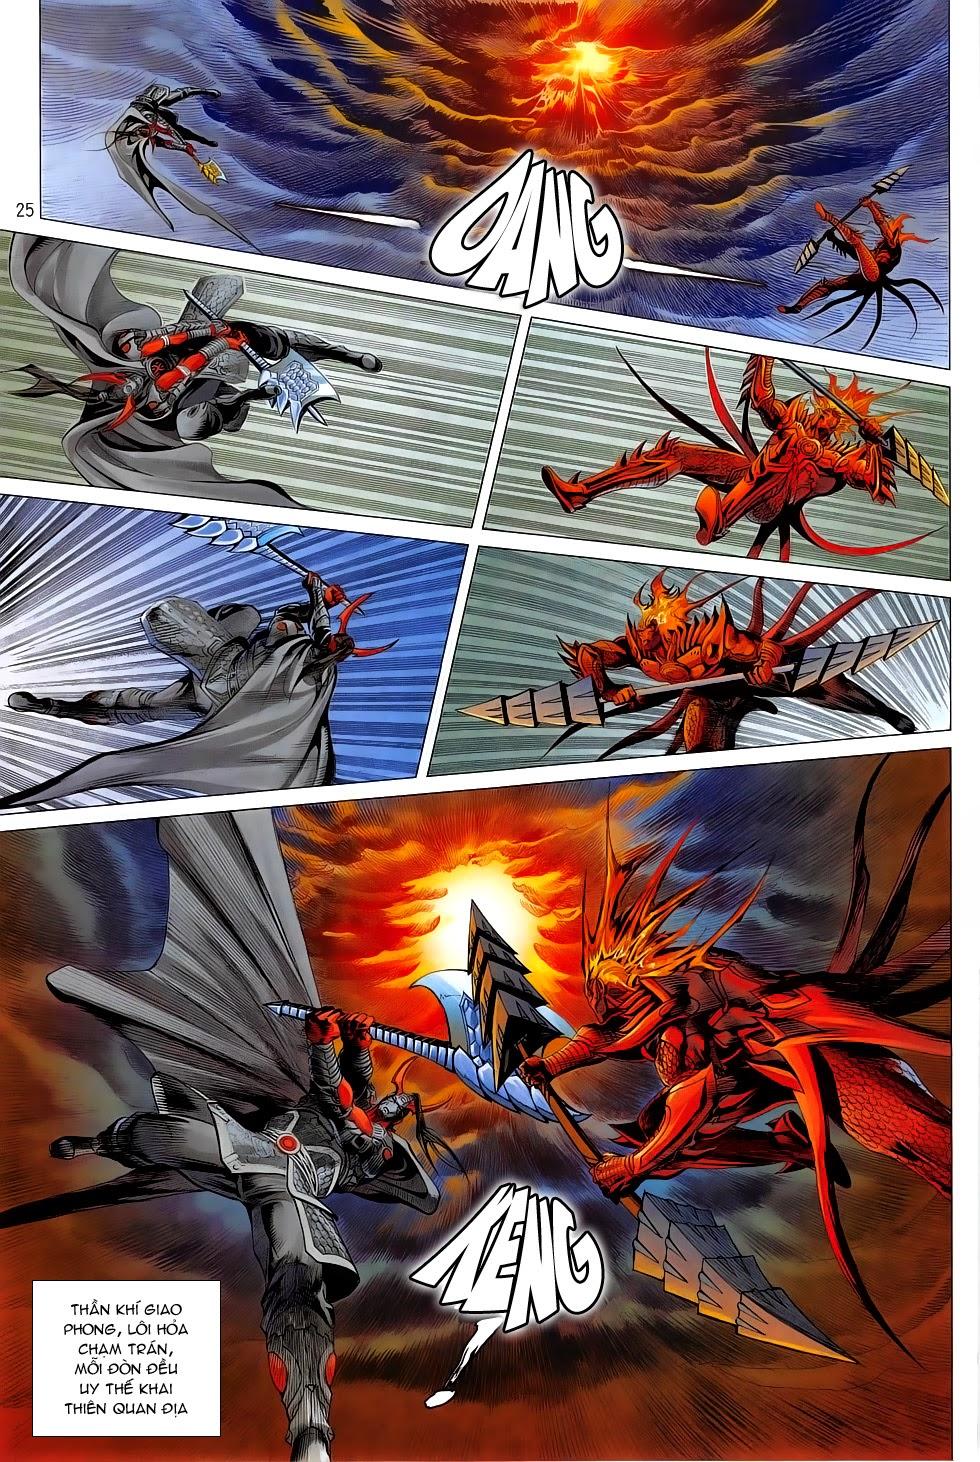 Chiến Phổ chapter 5: lôi hỏa kinh thiên chiến trang 24